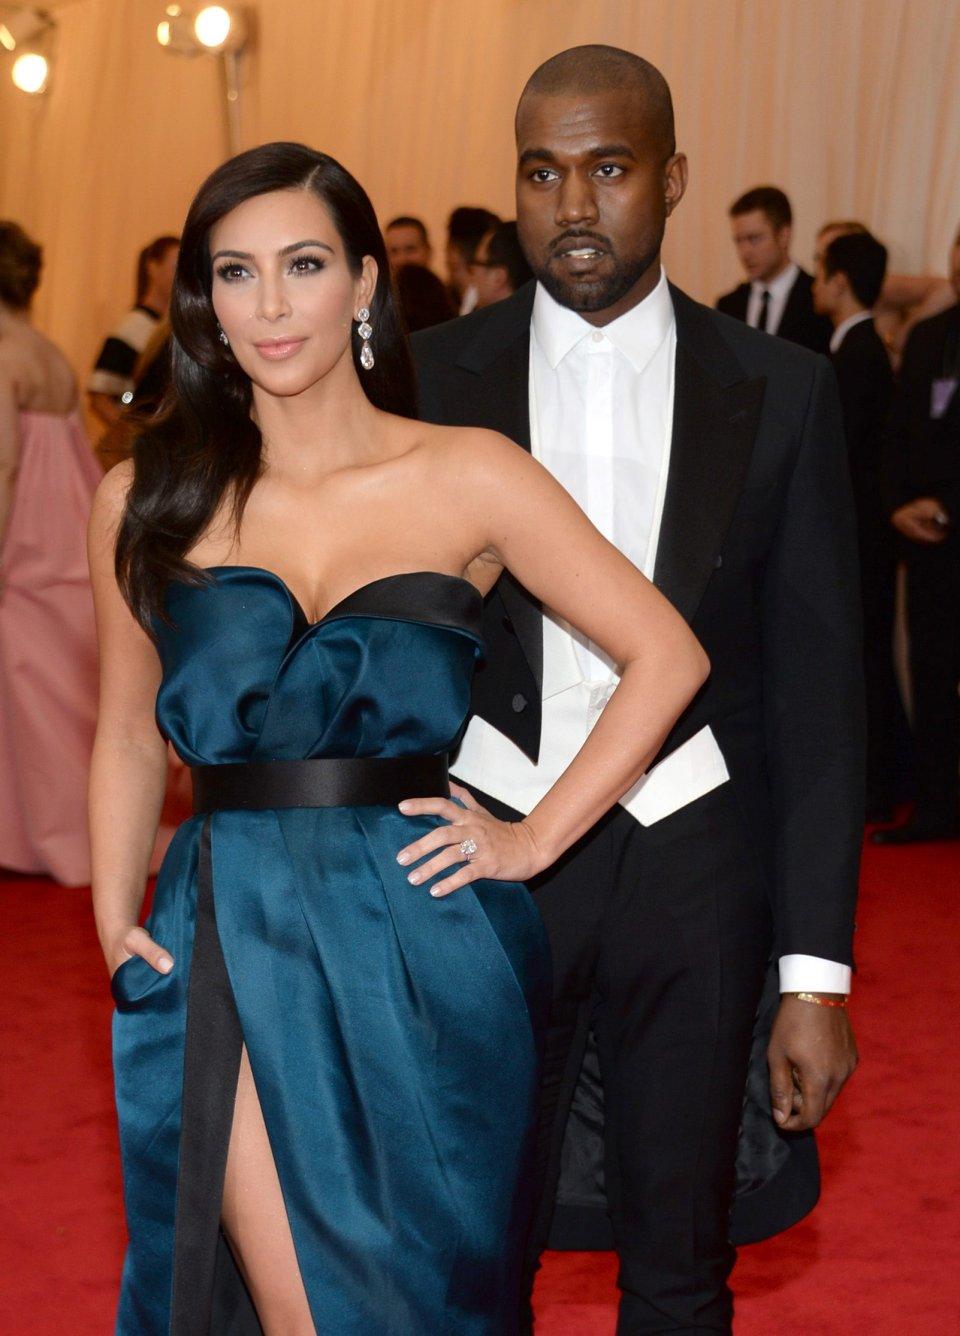 ile lat miała Kim Kardashian, kiedy zaczęła spotykać się z Kanye